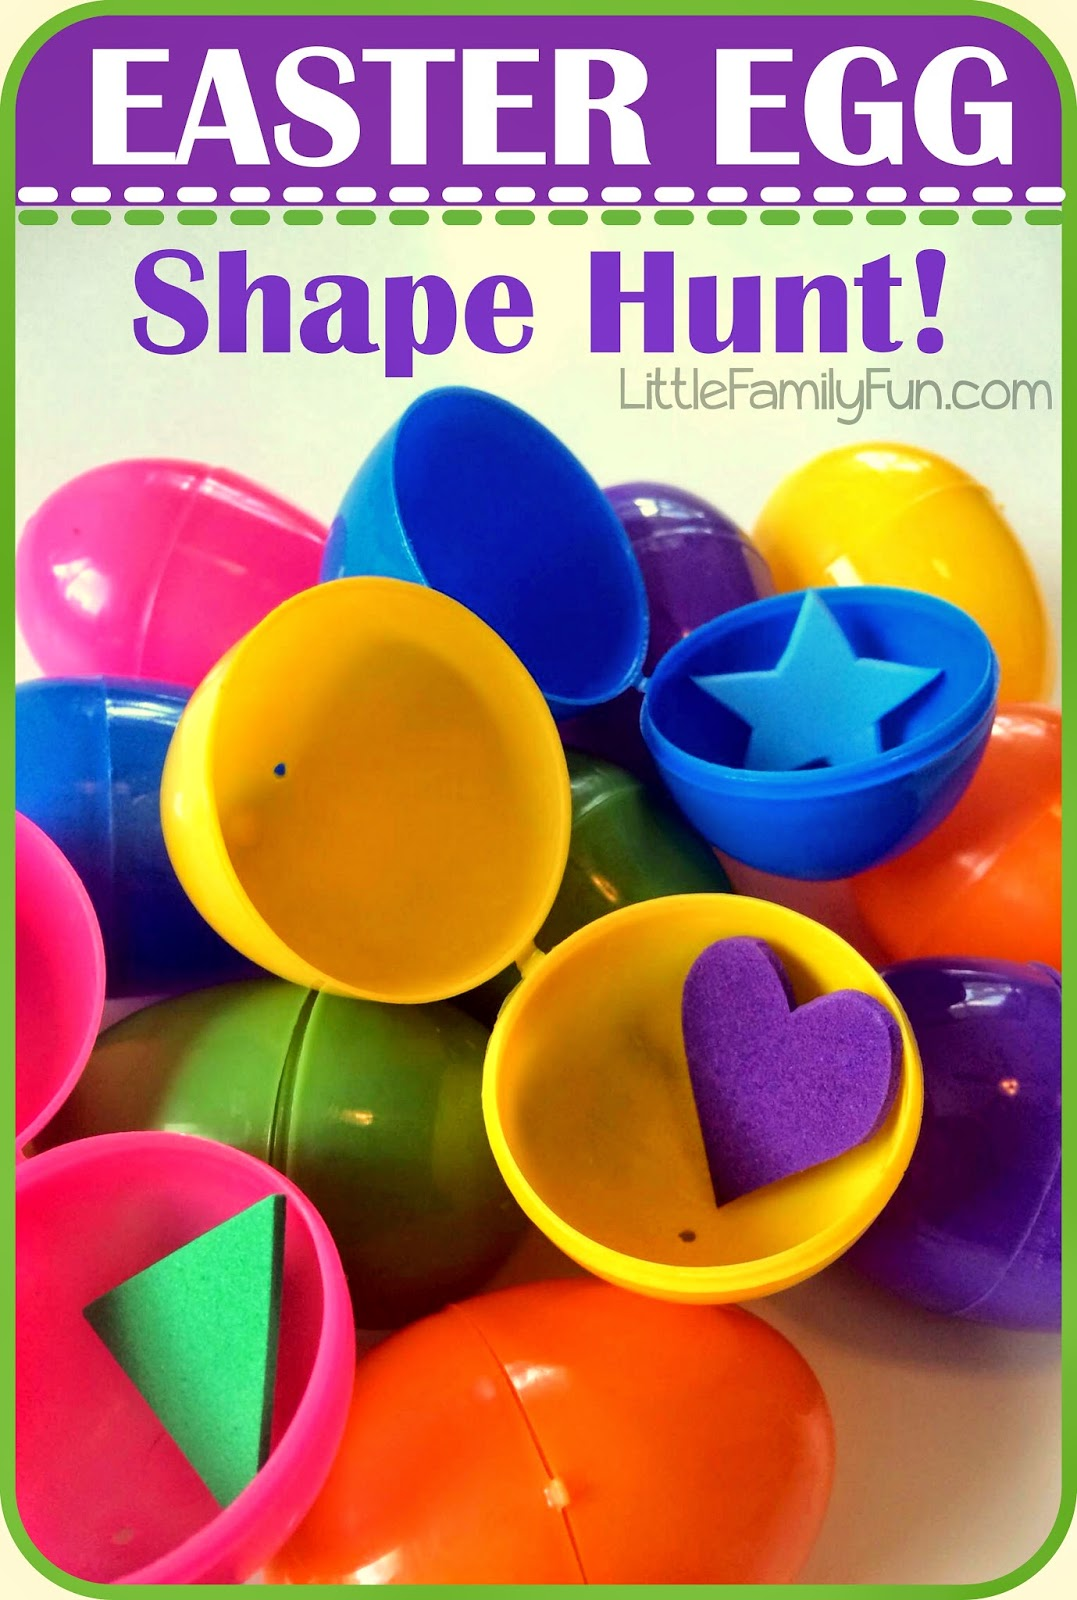 http://www.littlefamilyfun.com/2014/04/easter-egg-shape-hunt.html